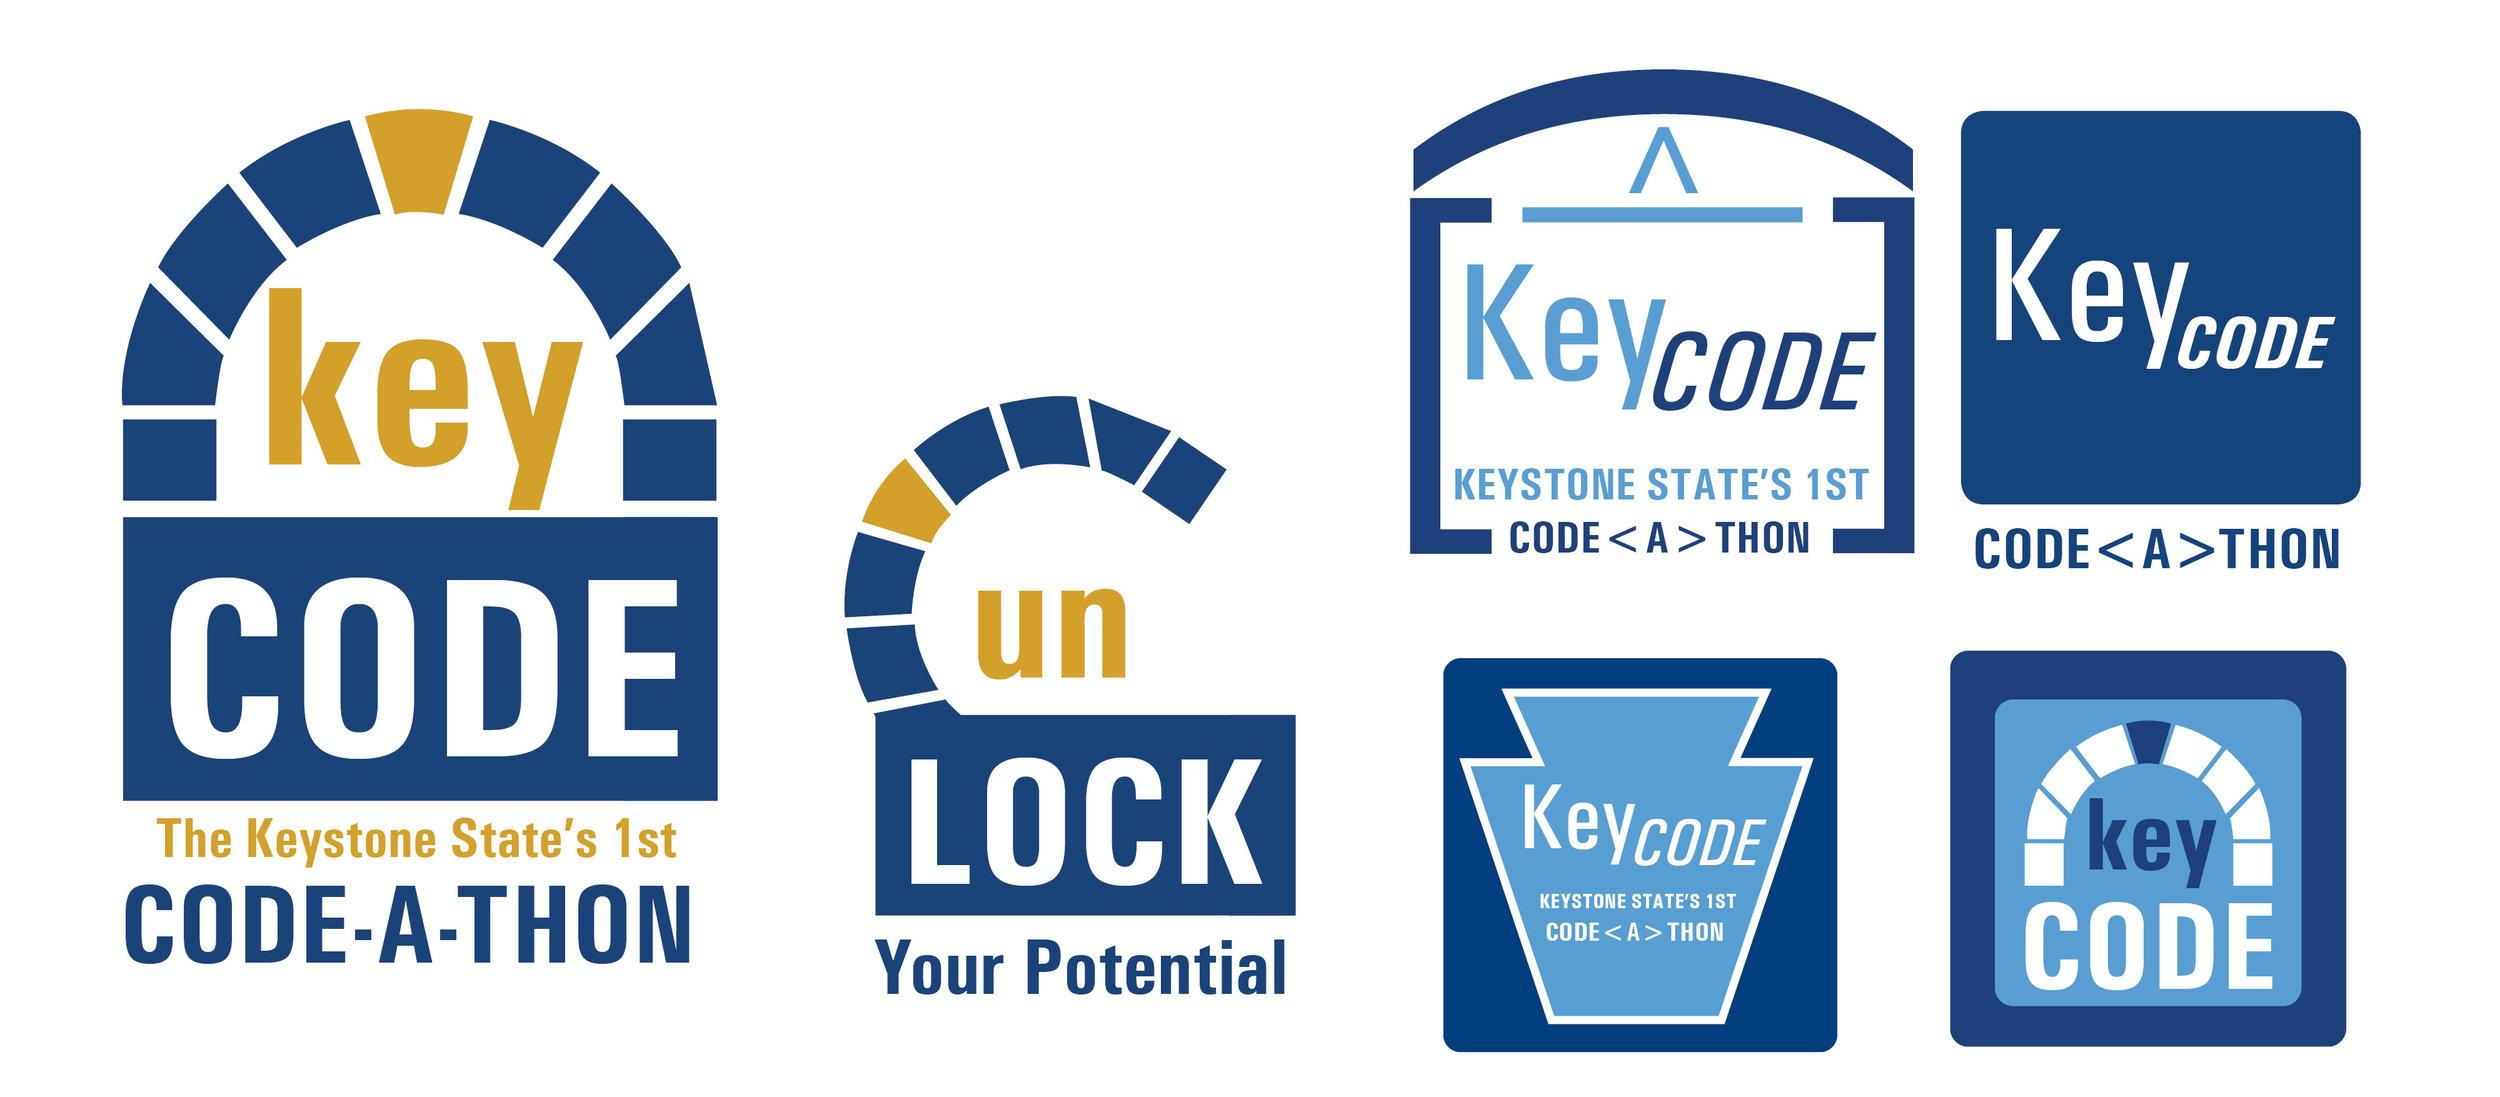 key-code.jpg